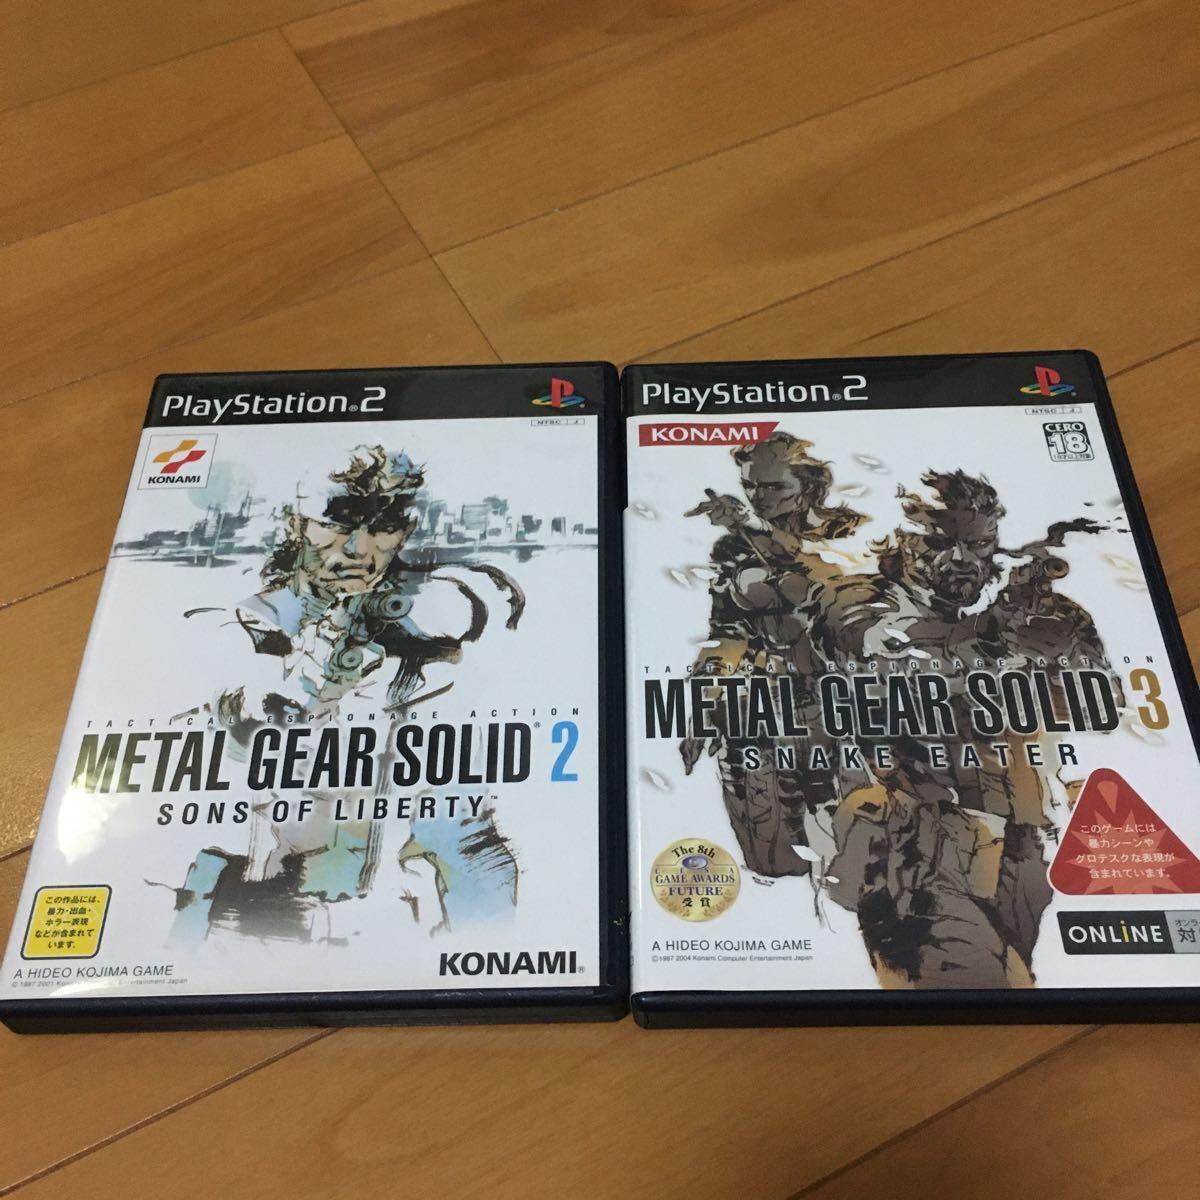 【PS2】 メタルギアソリッド2 サンズ オブ リバティ プレミアム メタルギアソリッド3の2枚組。